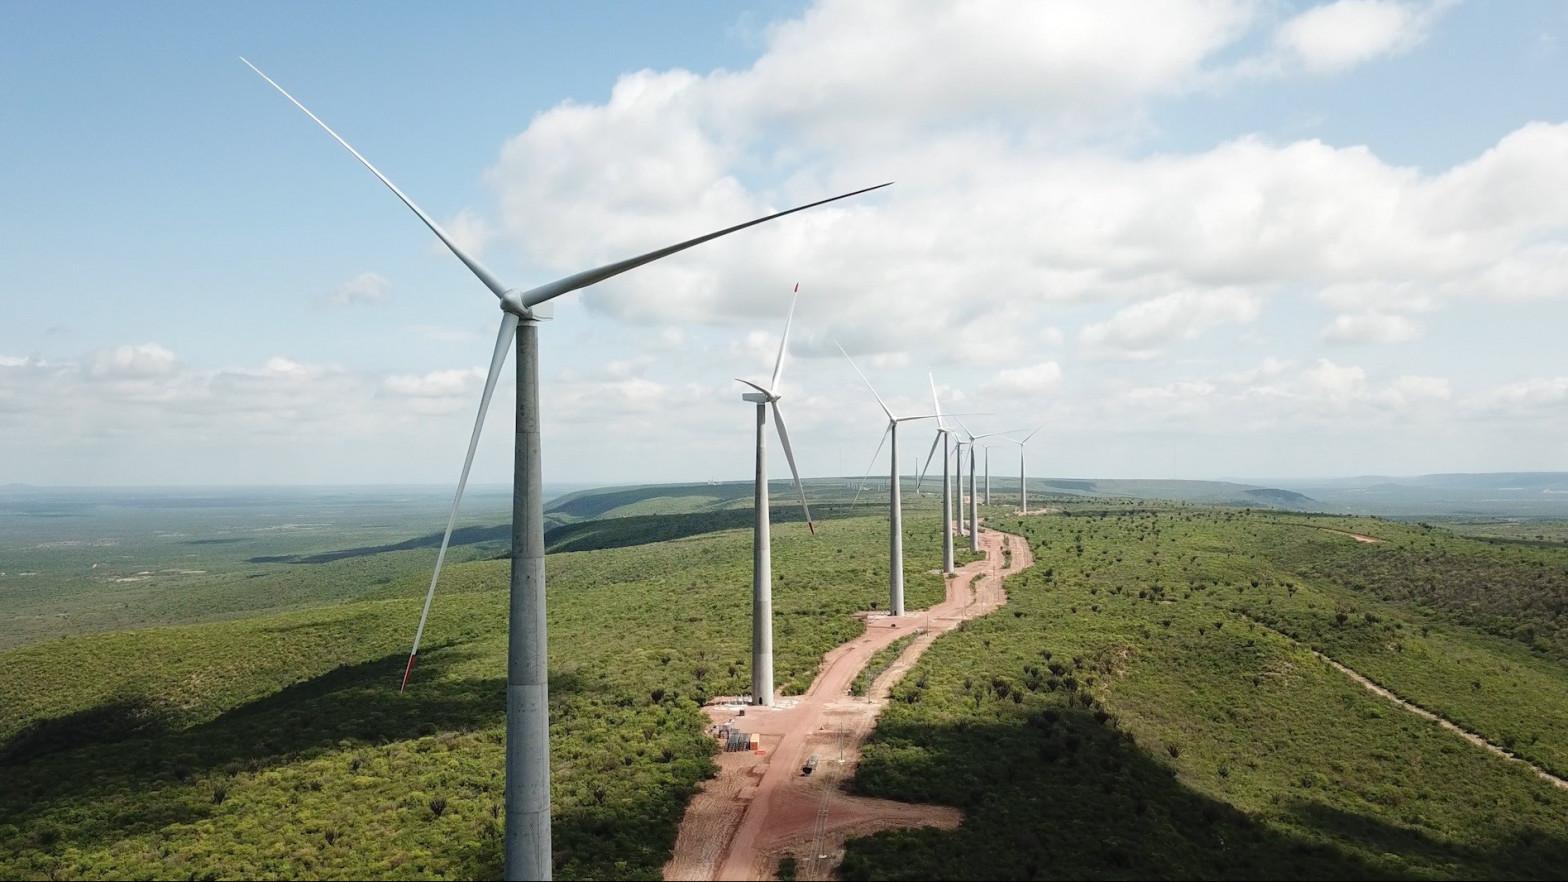 La asociación de accionistas minoritarios advierte de una posible burbuja de renovables